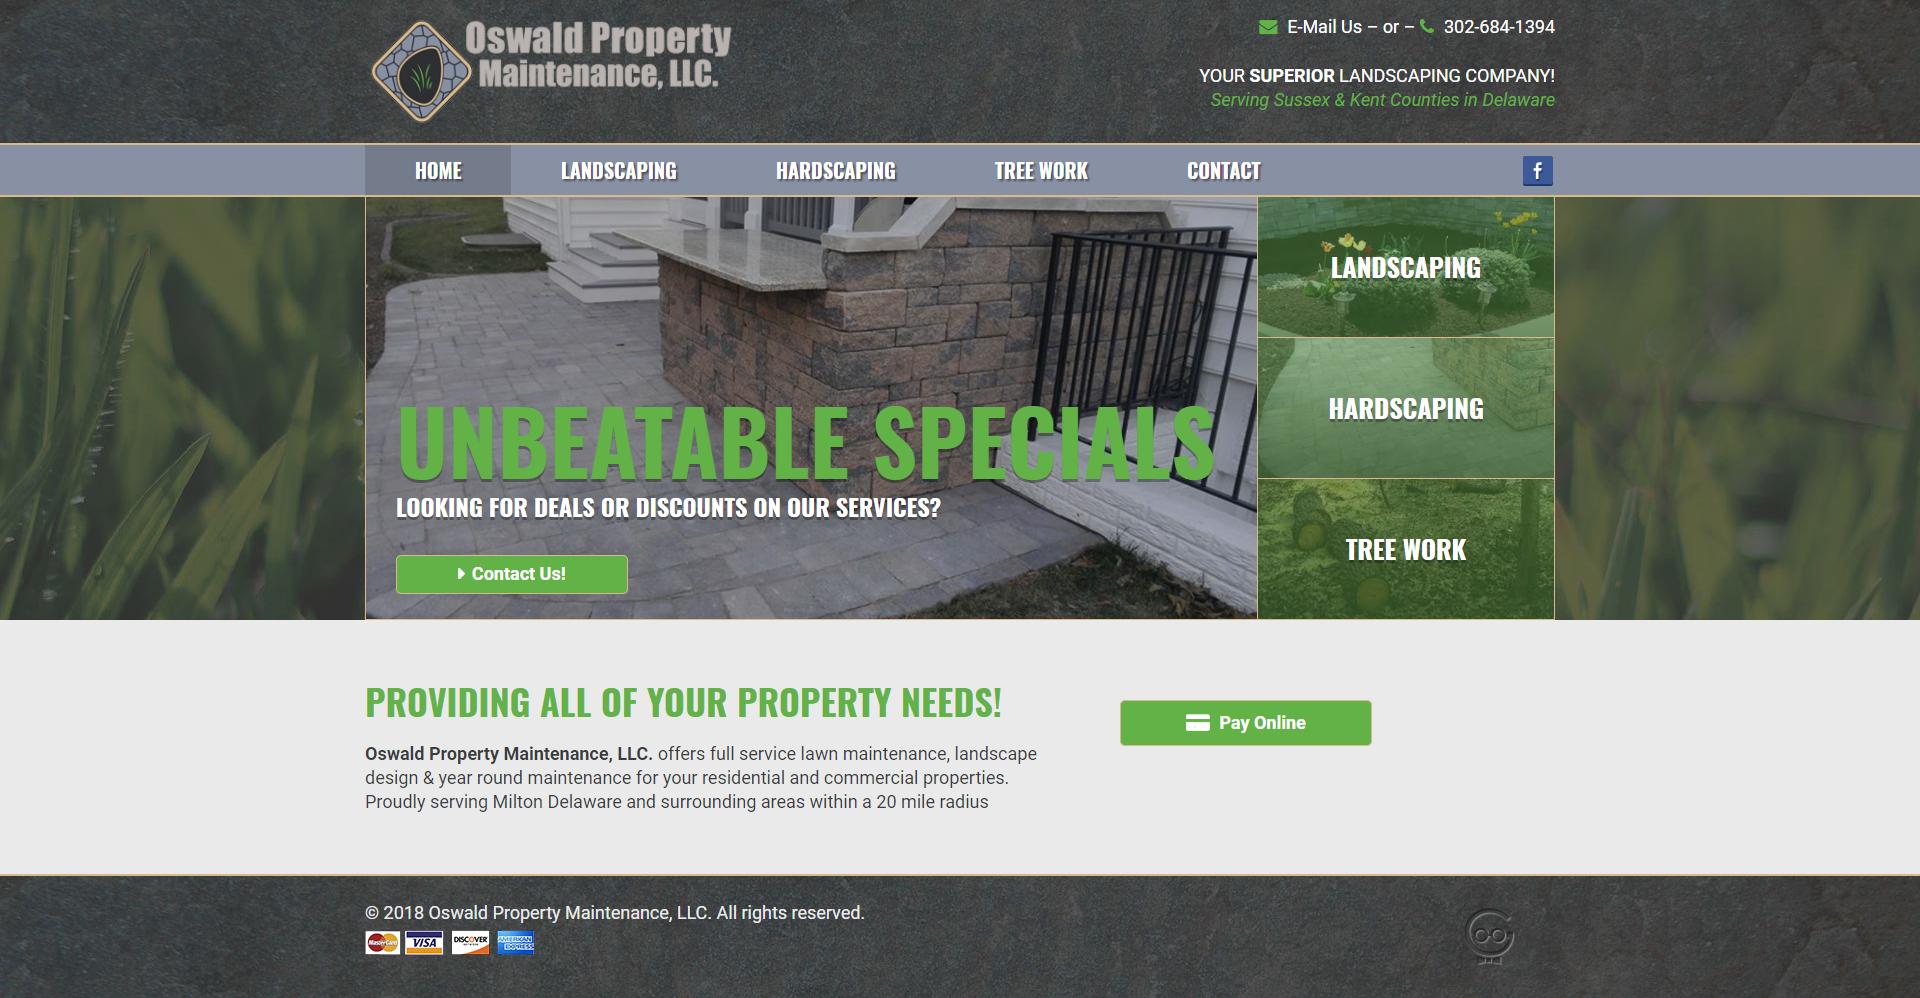 Oswald Property Maintenance